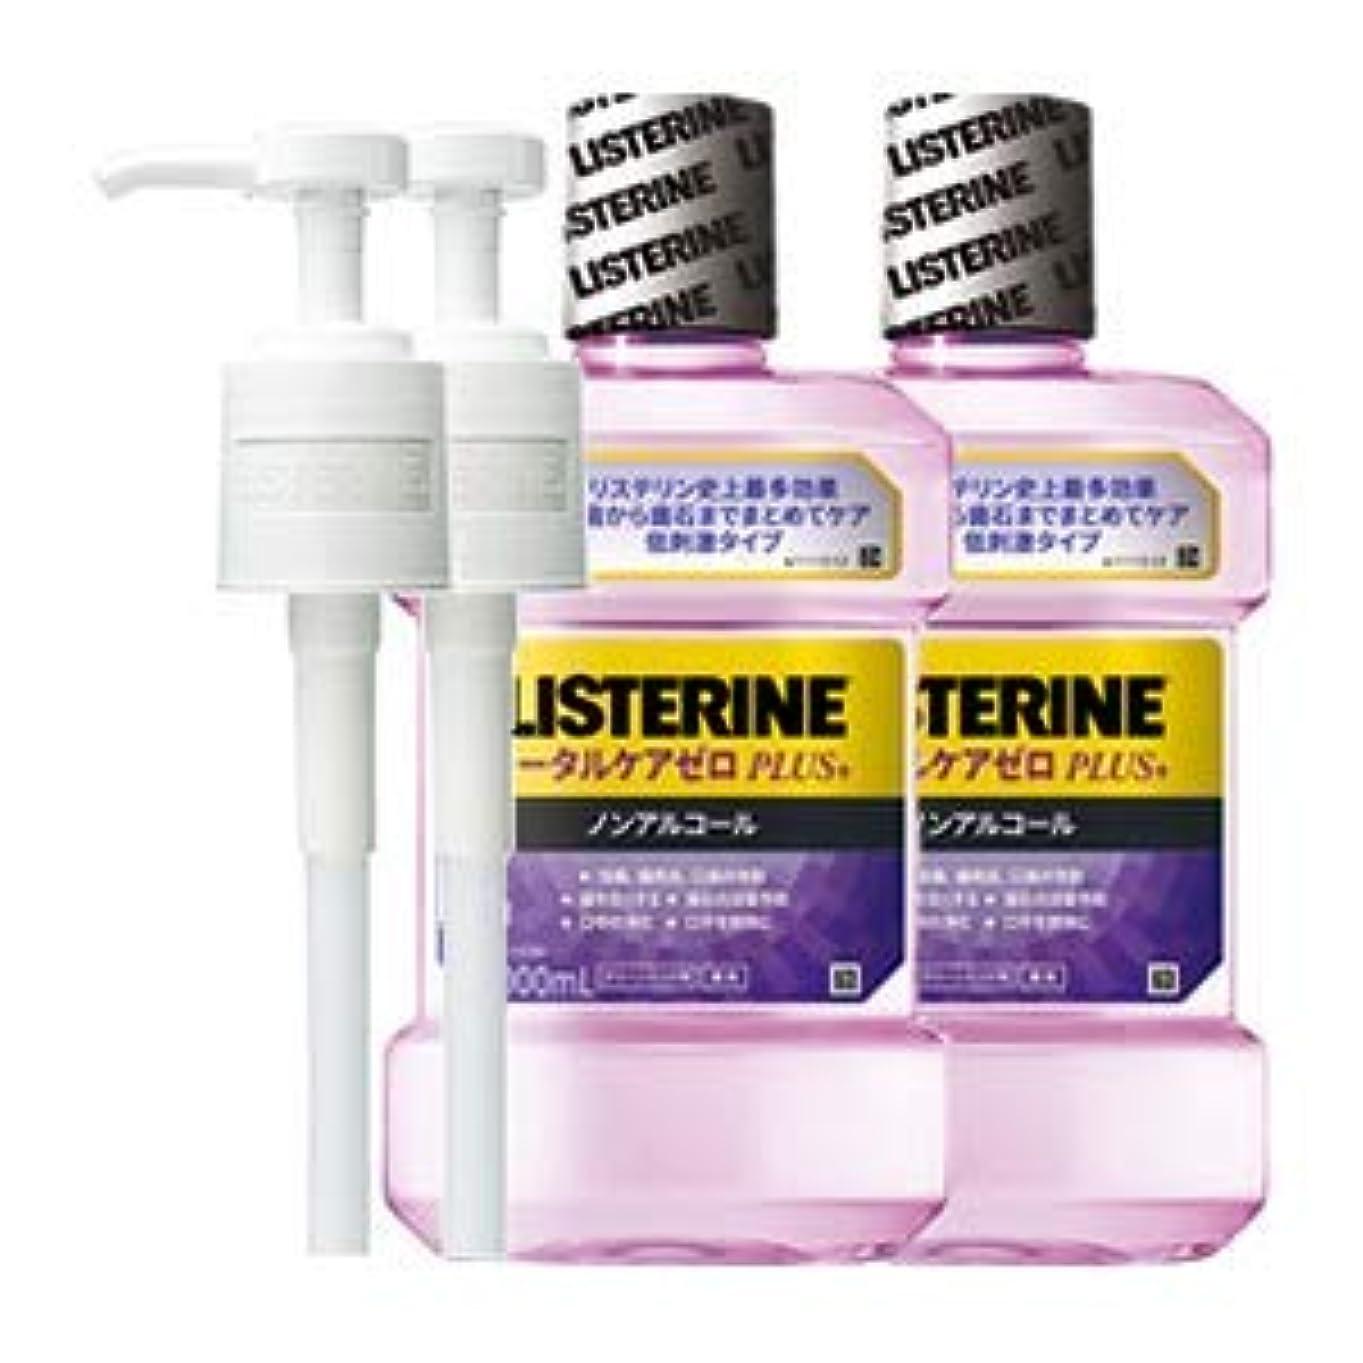 相手流星パン薬用リステリン トータルケアゼロプラス (液体歯磨) 1000mL 2点セット (ポンプ付)